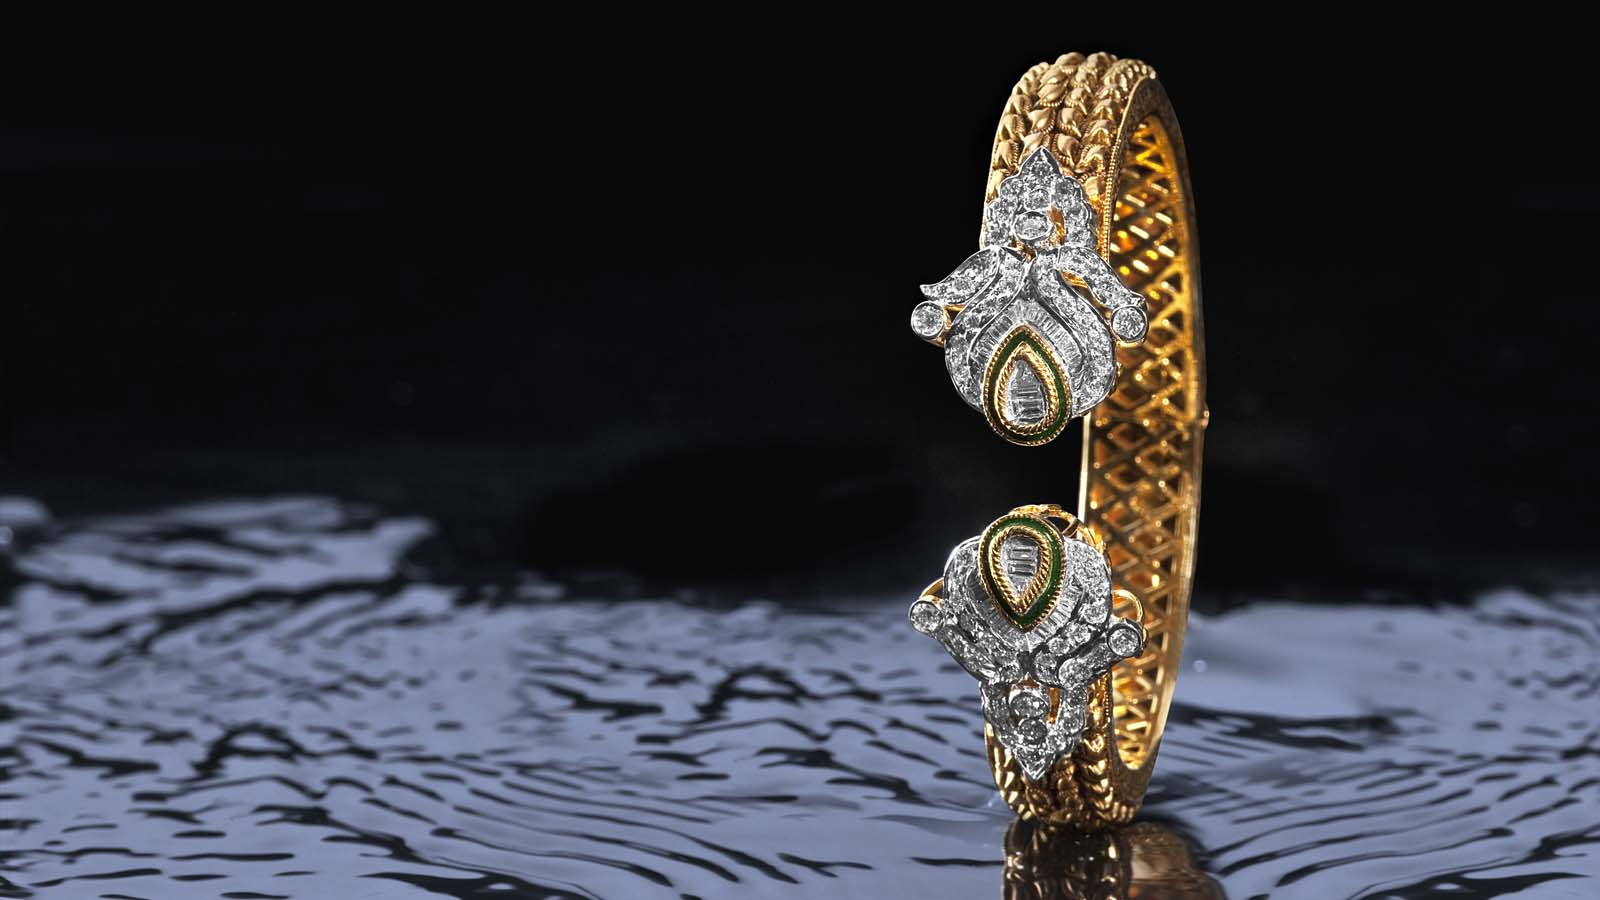 Storie preziose: i più celebri designer del gioiello